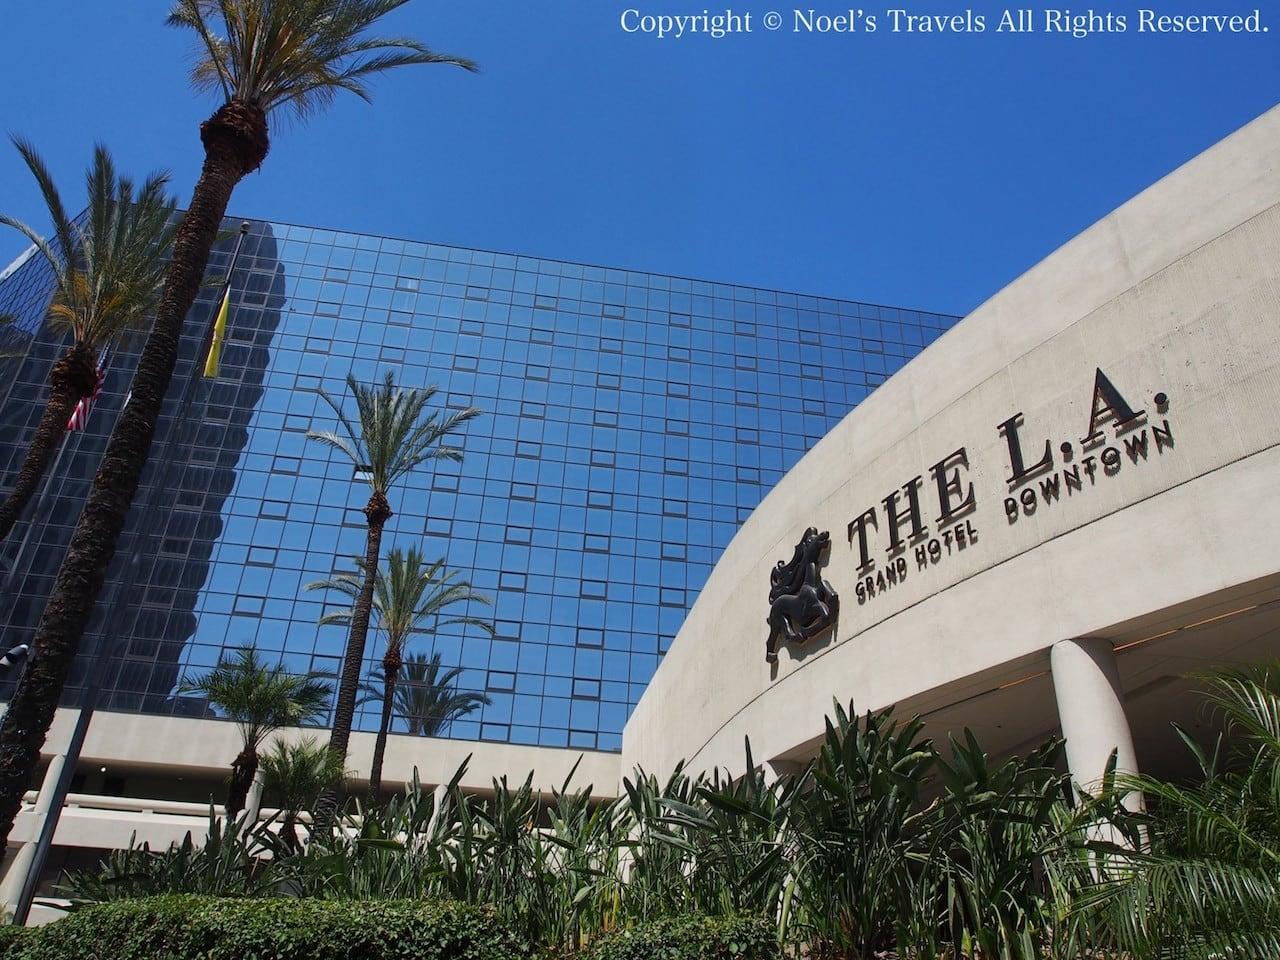 The LA グランドホテル・ダウンタウン